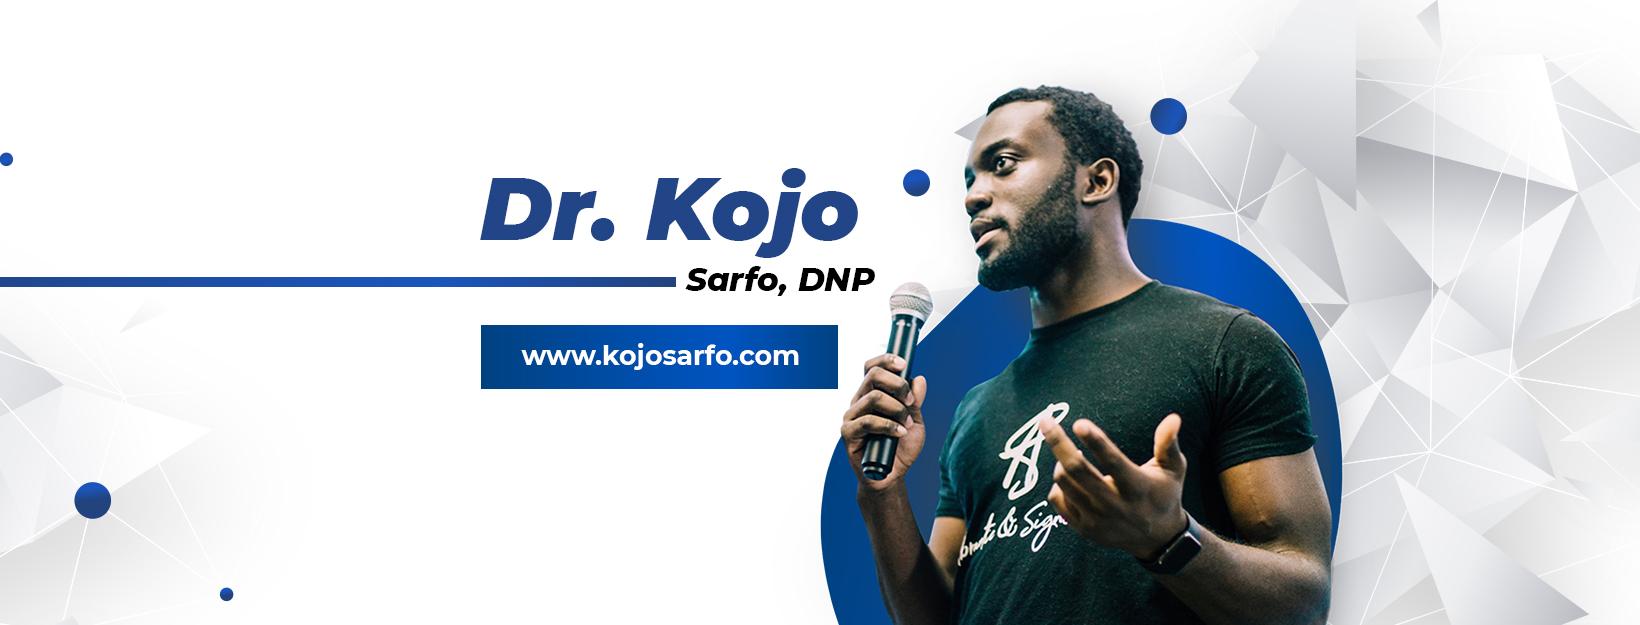 Dr Kojo Sarfo cover photo